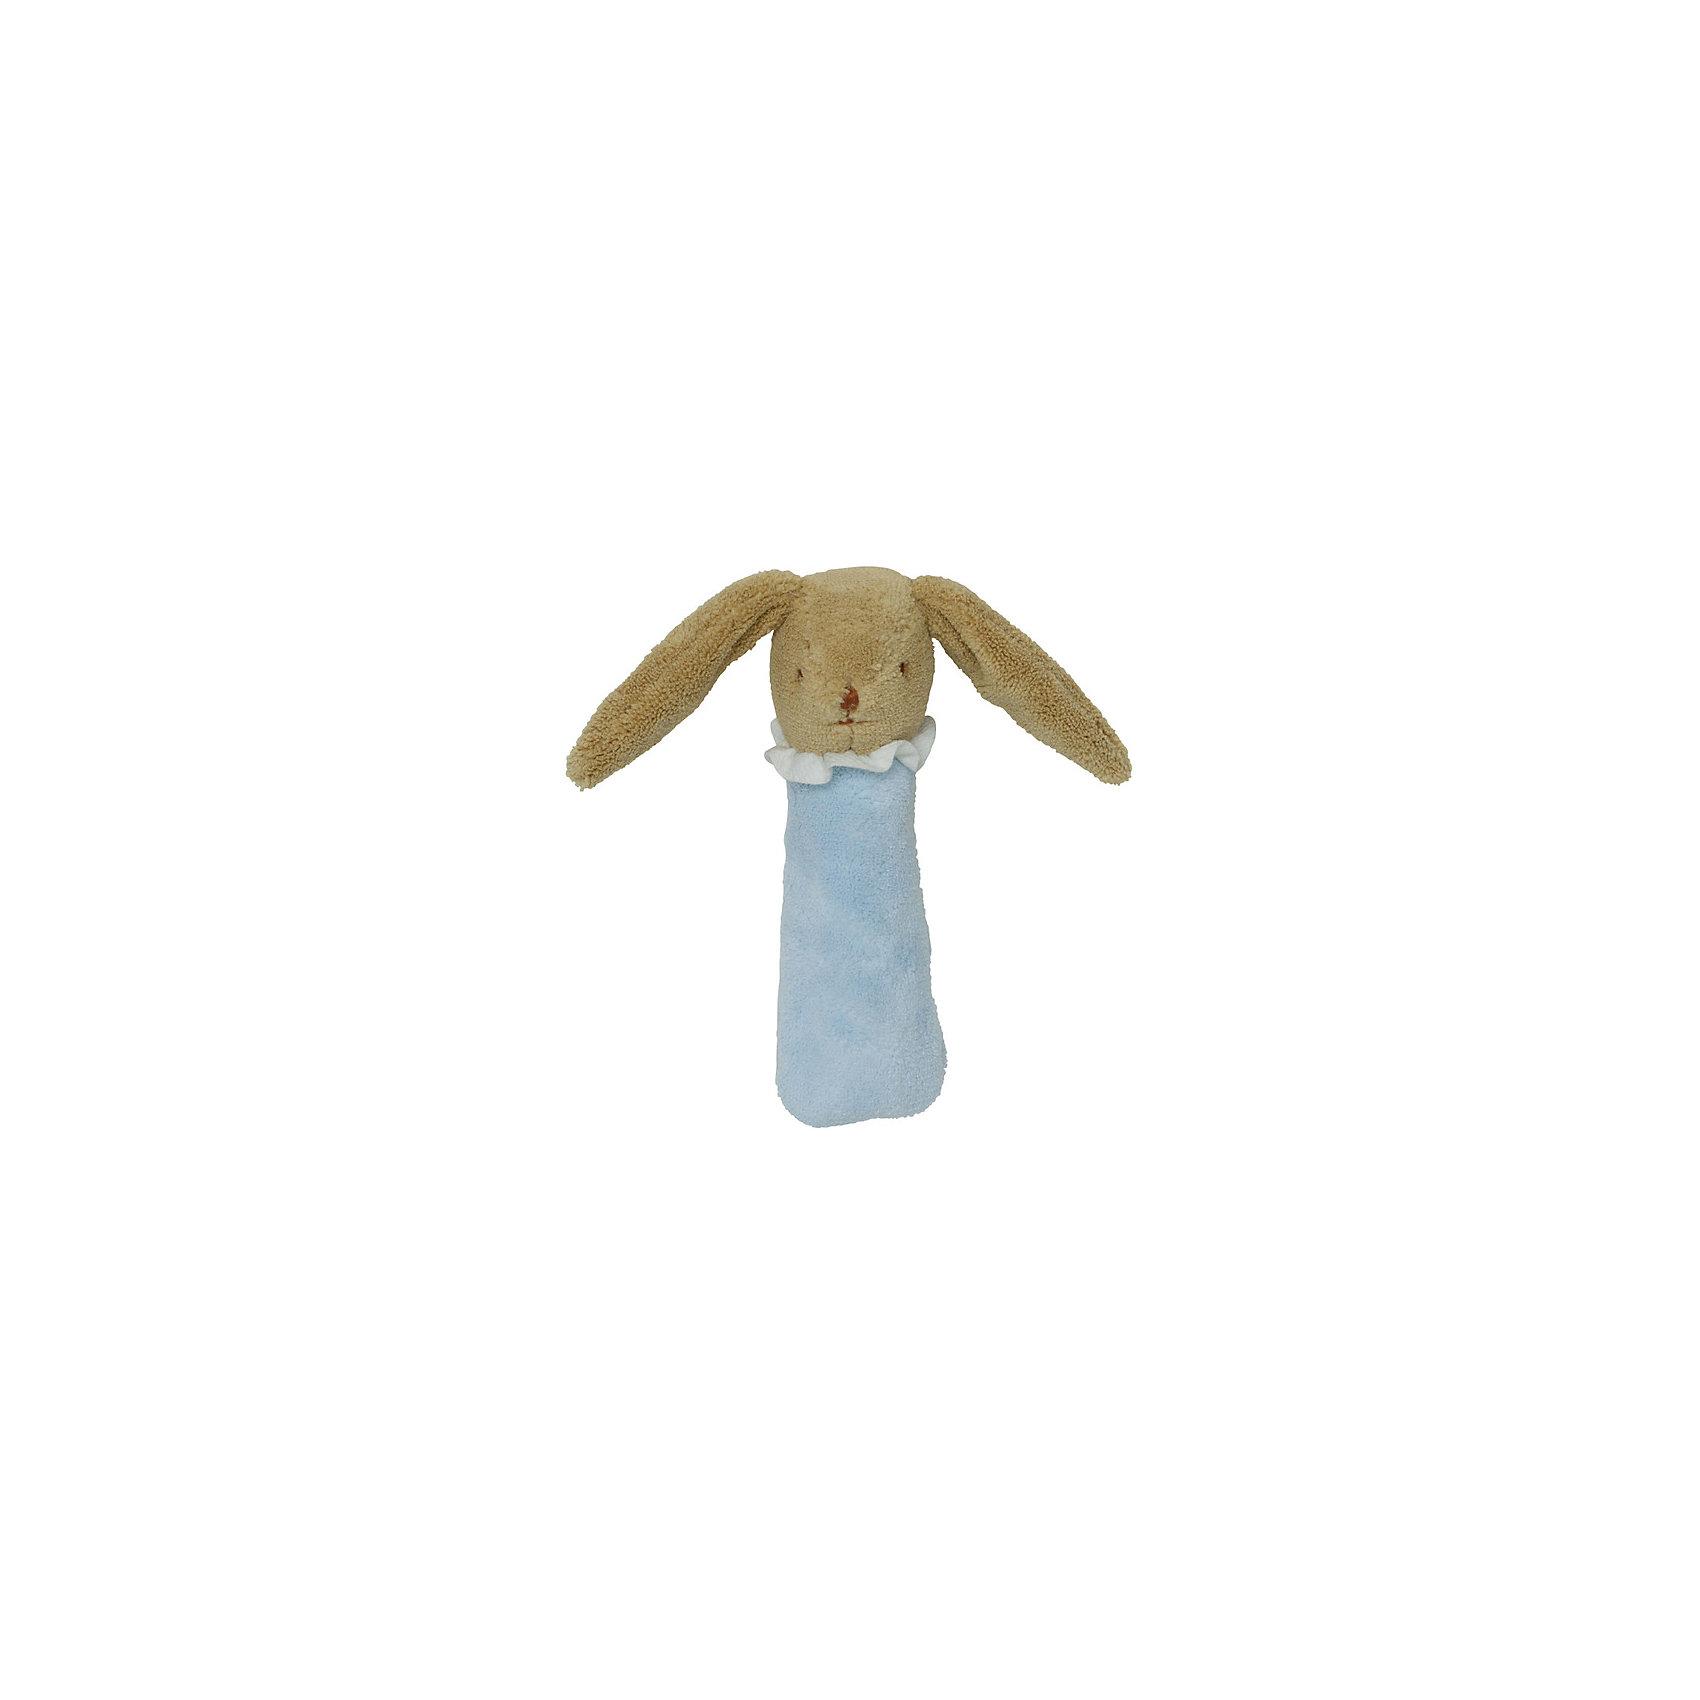 Мягкая погремушка Зайка, голубая, 17см&#13;, TrousselierПогремушки<br>Мягкая погремушка Зайка, голубая, 17см, Trousselier<br><br>Характеристика:<br><br>-Материалы: текстиль,полиэстер,хлопок<br>-Возраст: от 3 месяцев<br>-Размер: 17 см<br>-Цвет: голубой<br>-Марка: Trousselier<br><br>Мягкая погремушка Зайка это отличный вариант для самых маленьких. Ребёнок не сможет пораниться, ведь вся погремушка мягкая, словно плюшевая игрушка. Выполнена она в виде зайчика в голубом цвете. Погремушка будет развивать слух, внимание и цветовое восприятие.<br><br>Мягкая погремушка Зайка, голубая, 17см, Trousselier можно приобрести в нашем интернет-магазине.<br><br>Ширина мм: 170<br>Глубина мм: 40<br>Высота мм: 40<br>Вес г: 380<br>Возраст от месяцев: -2147483648<br>Возраст до месяцев: 2147483647<br>Пол: Унисекс<br>Возраст: Детский<br>SKU: 4964779